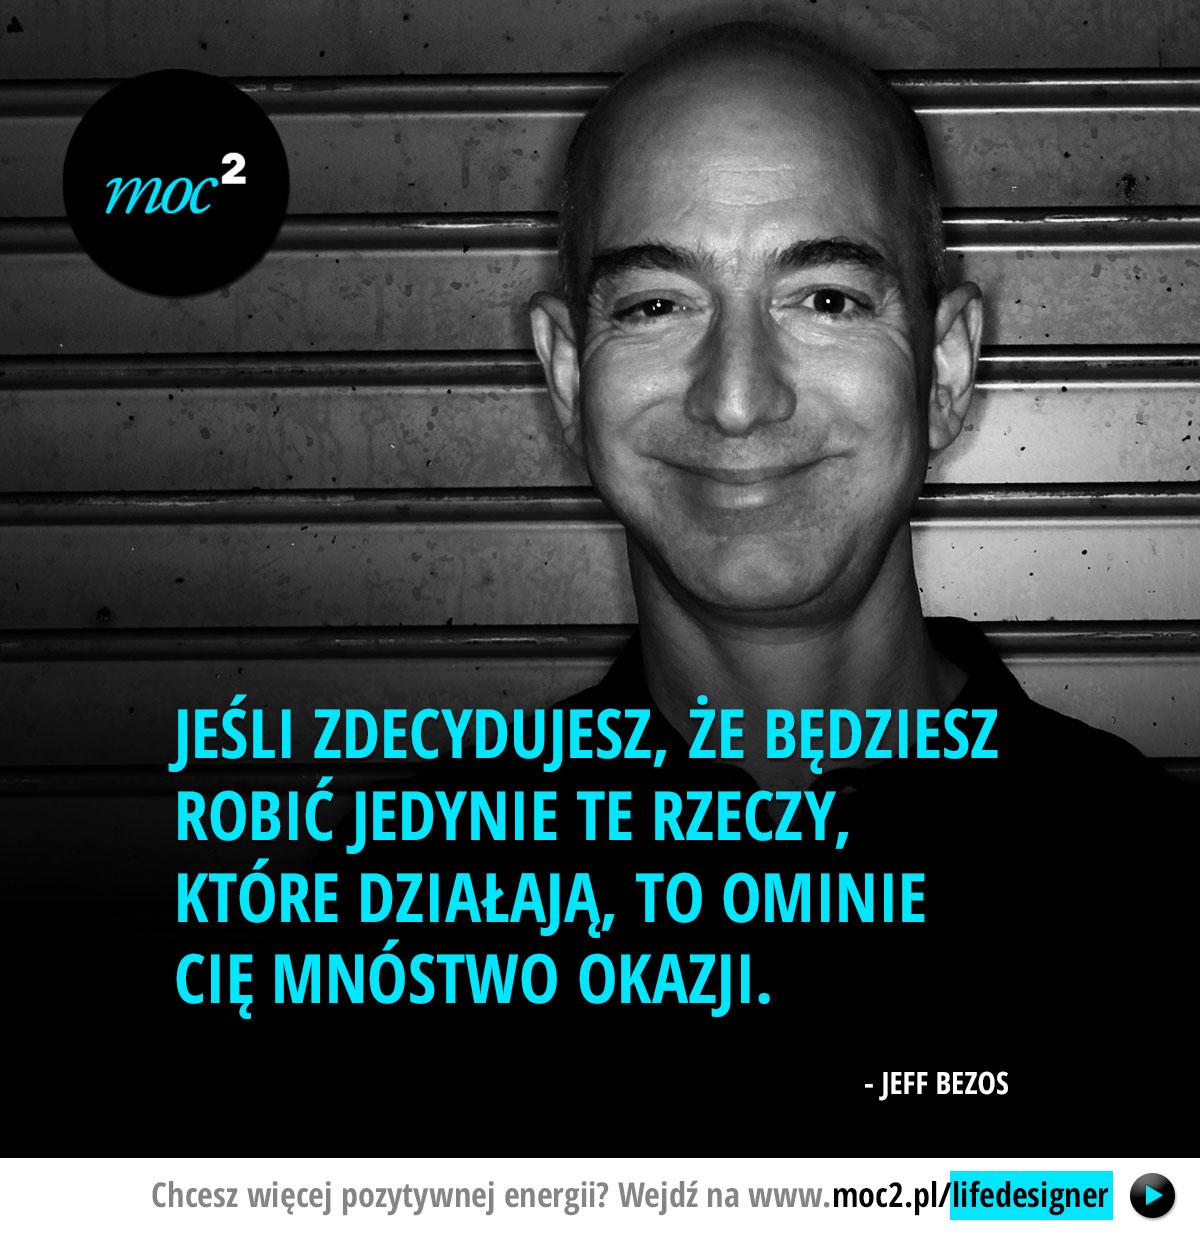 Jeśli zdecydujesz, że będziesz robić jedynie te rzeczy, które działają, to ominie Cię mnóstwo okazji. - Jeff Bezos